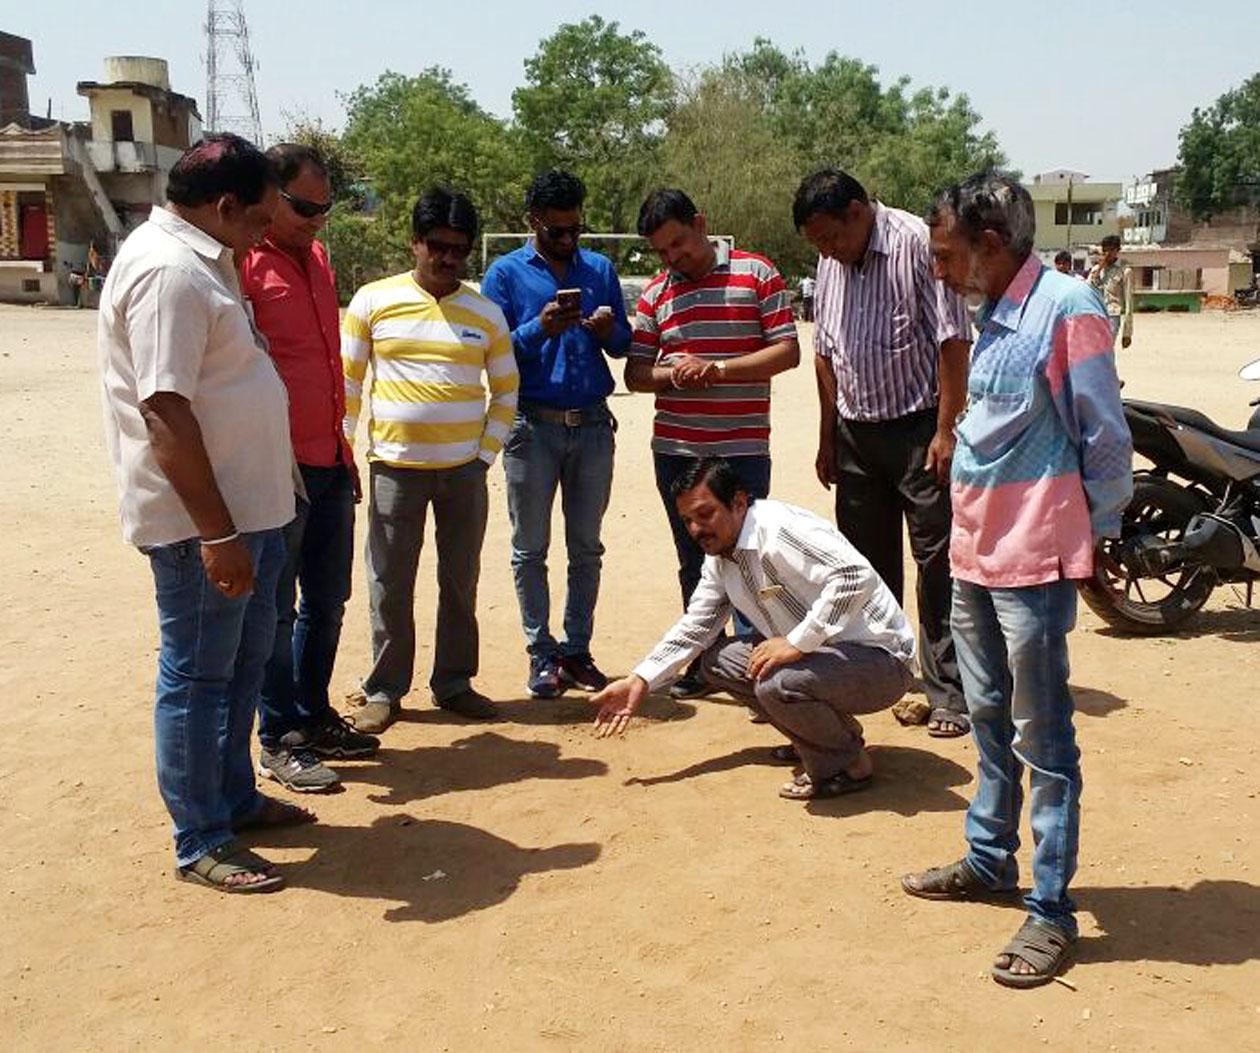 Preparations-for-the-five-day-cricket-tournament-organized-b-sakal-vyapari-sangh-व्यापारियों के लिए आयोजित पांच दिवसीय क्रिकेट टूर्नामेंट की तैयारियां जोरो पर